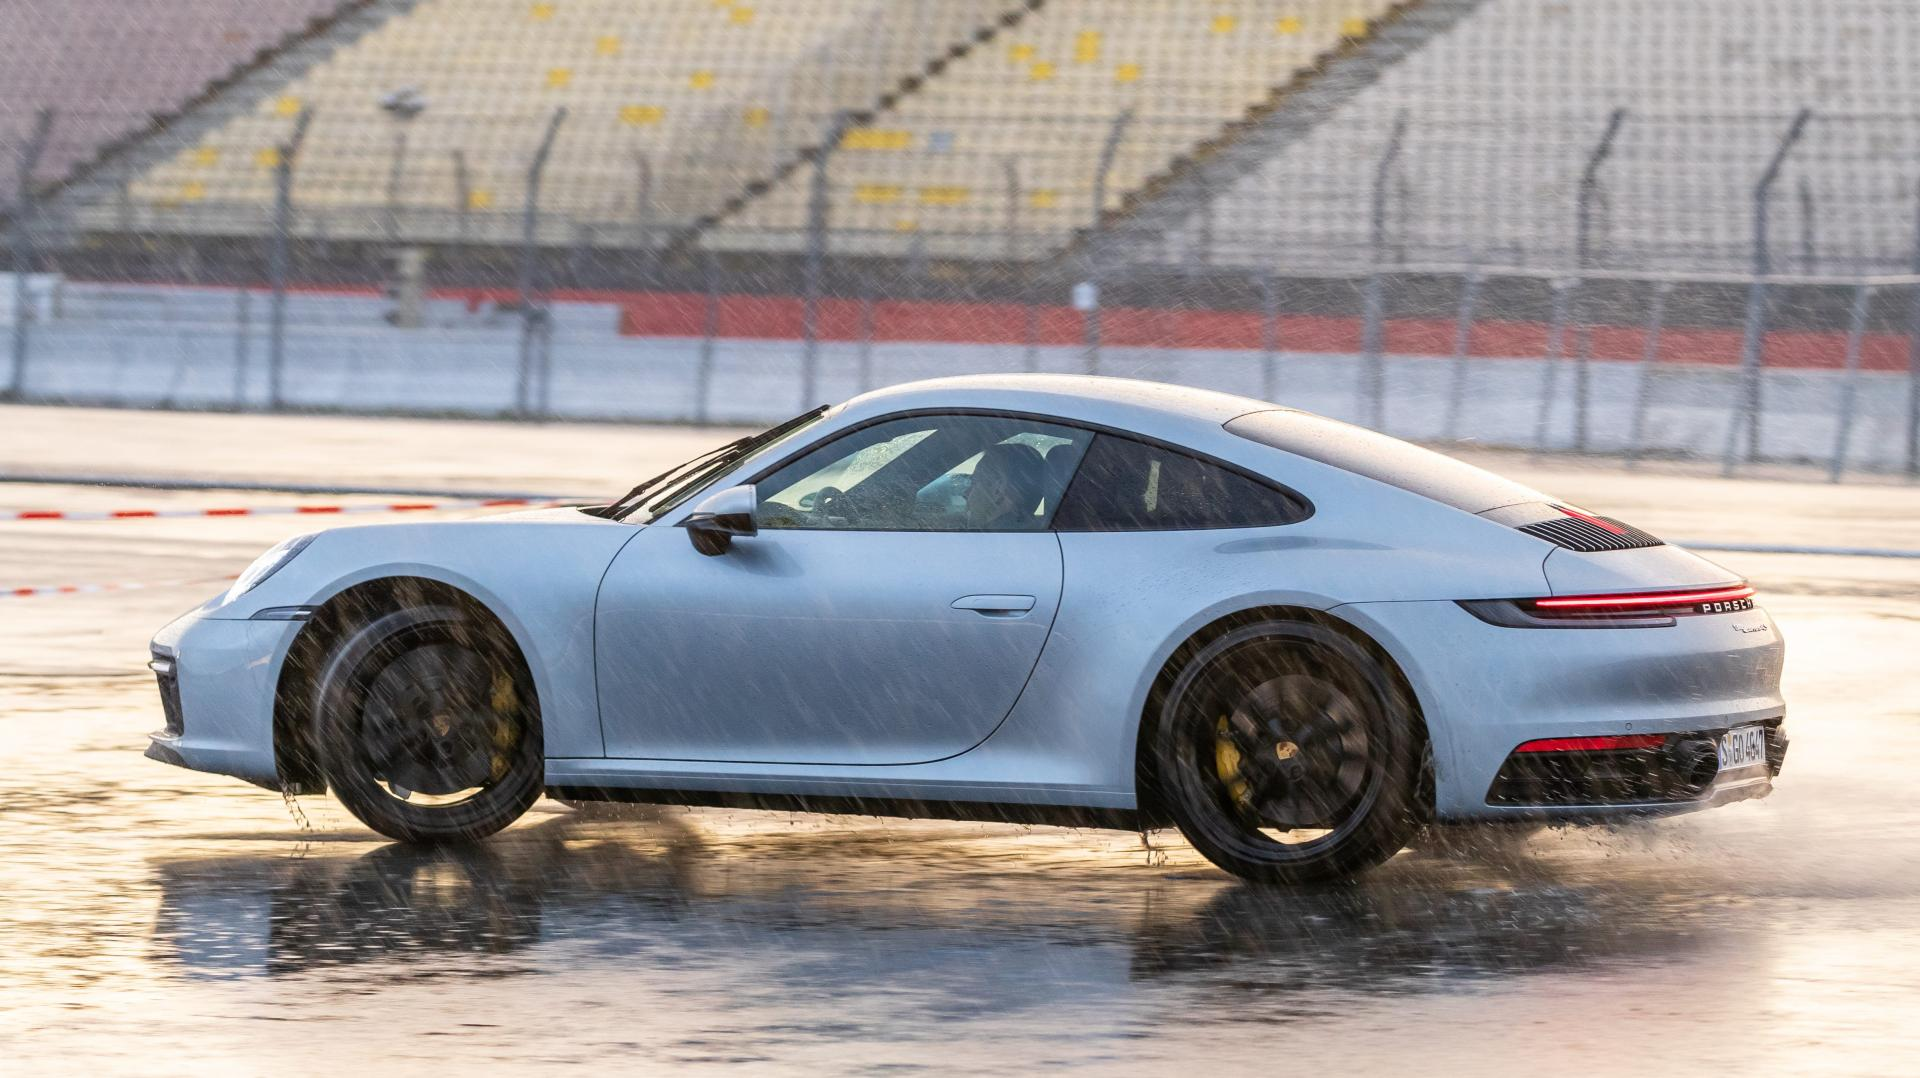 Porsche 911 992 wet mode drifting